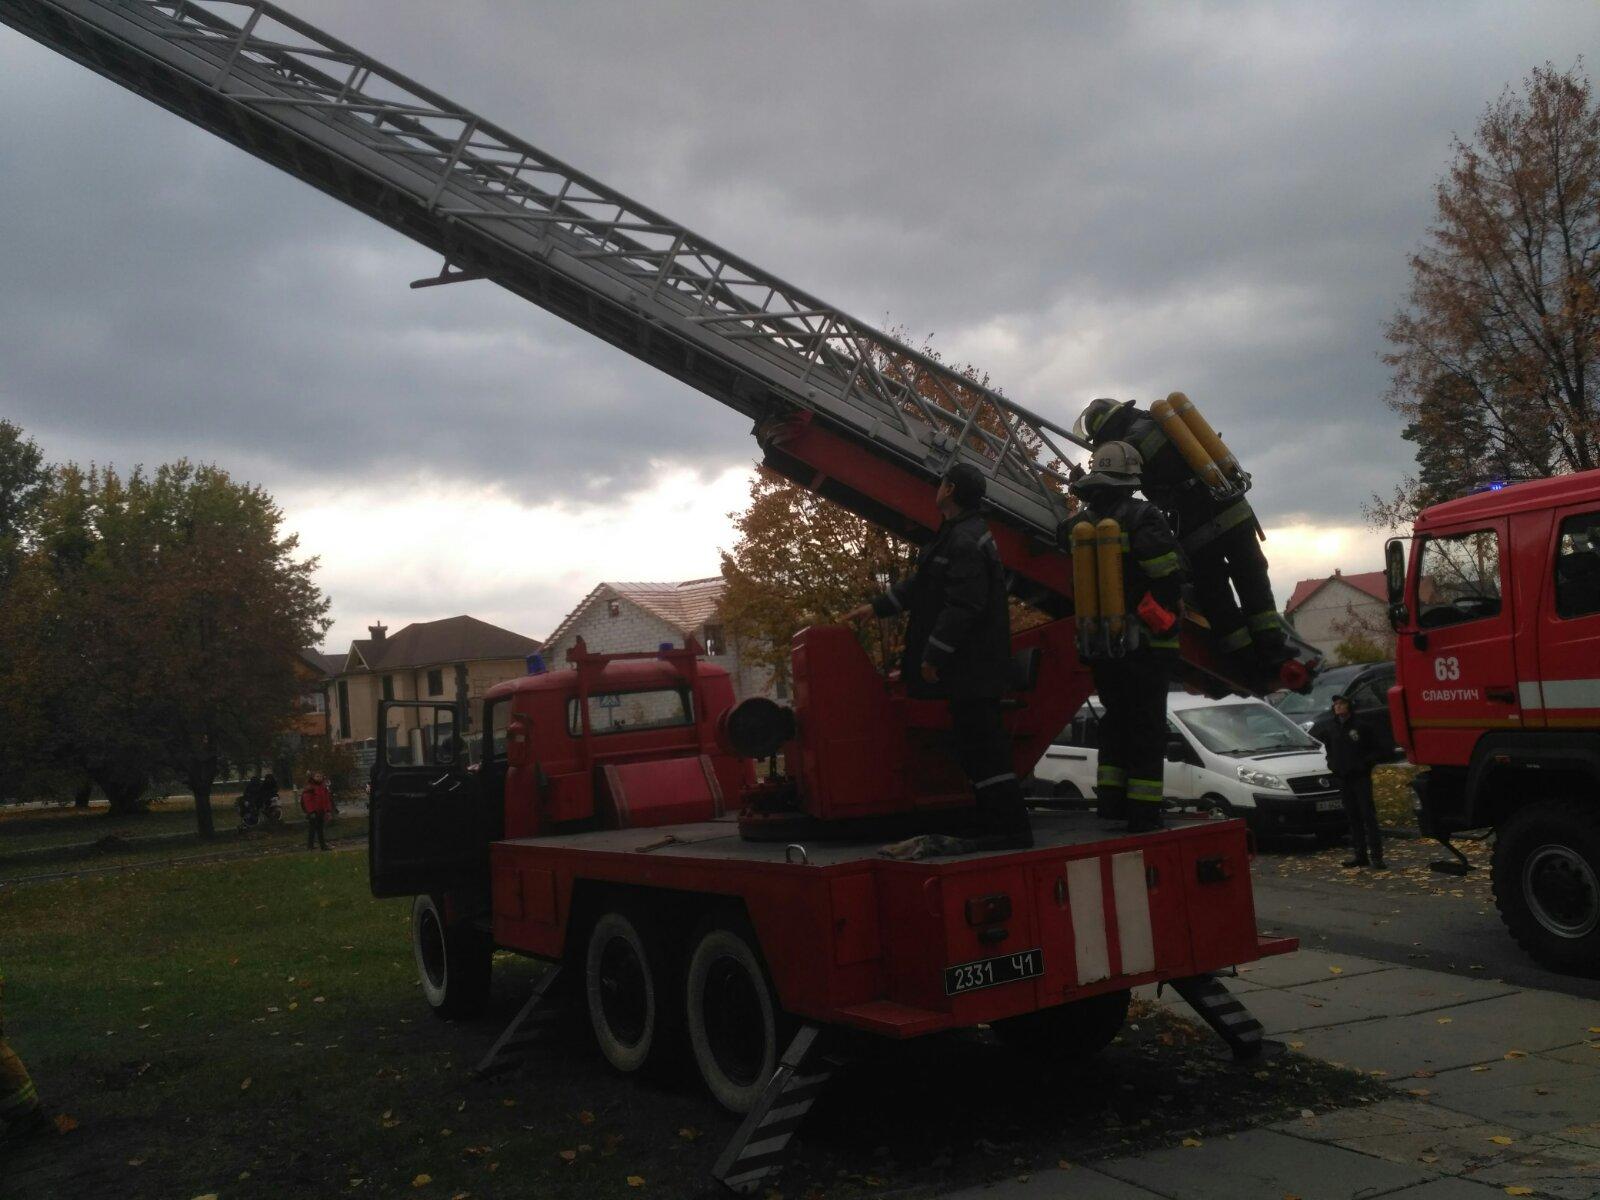 У Славутичі через пожежу евакуйовано 5 осіб: одна постраждала в лікарні -  - viber image 2019 10 10 15 02 55